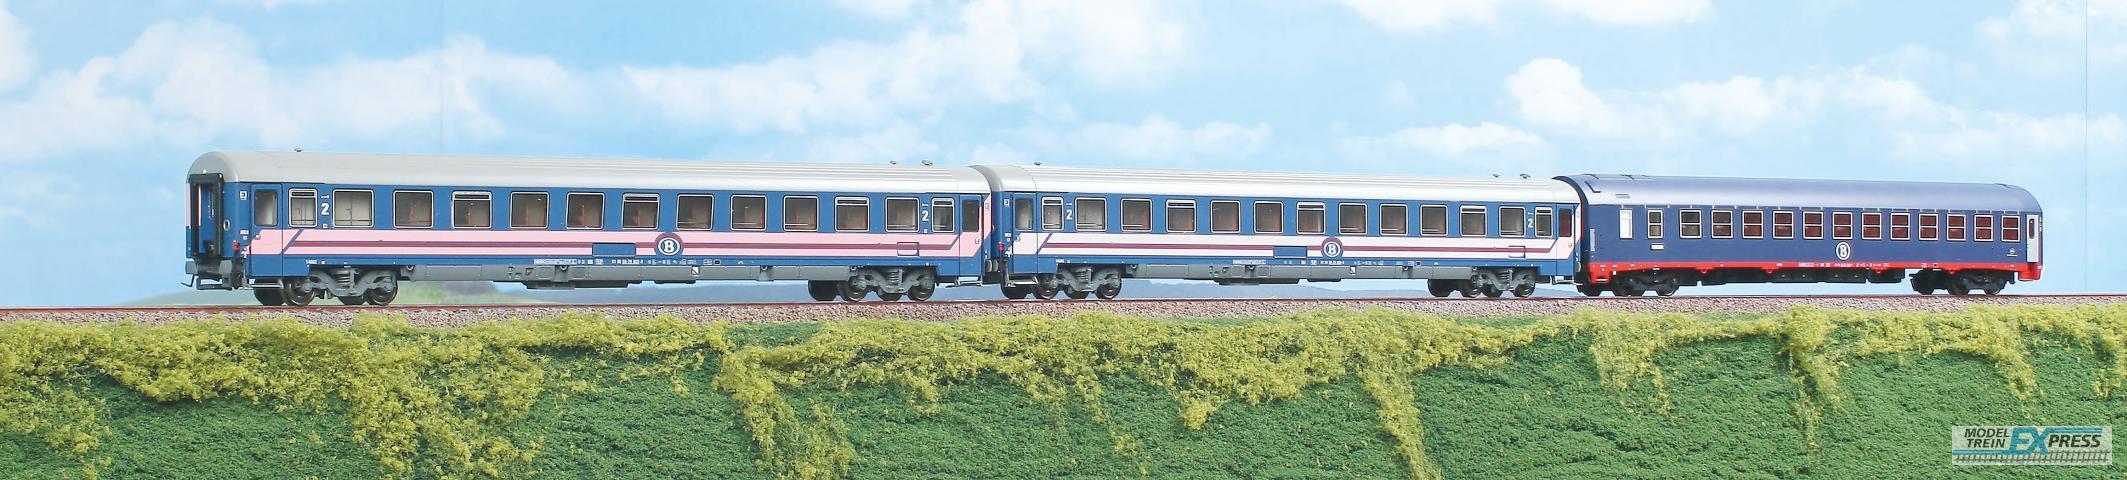 ACME 55103